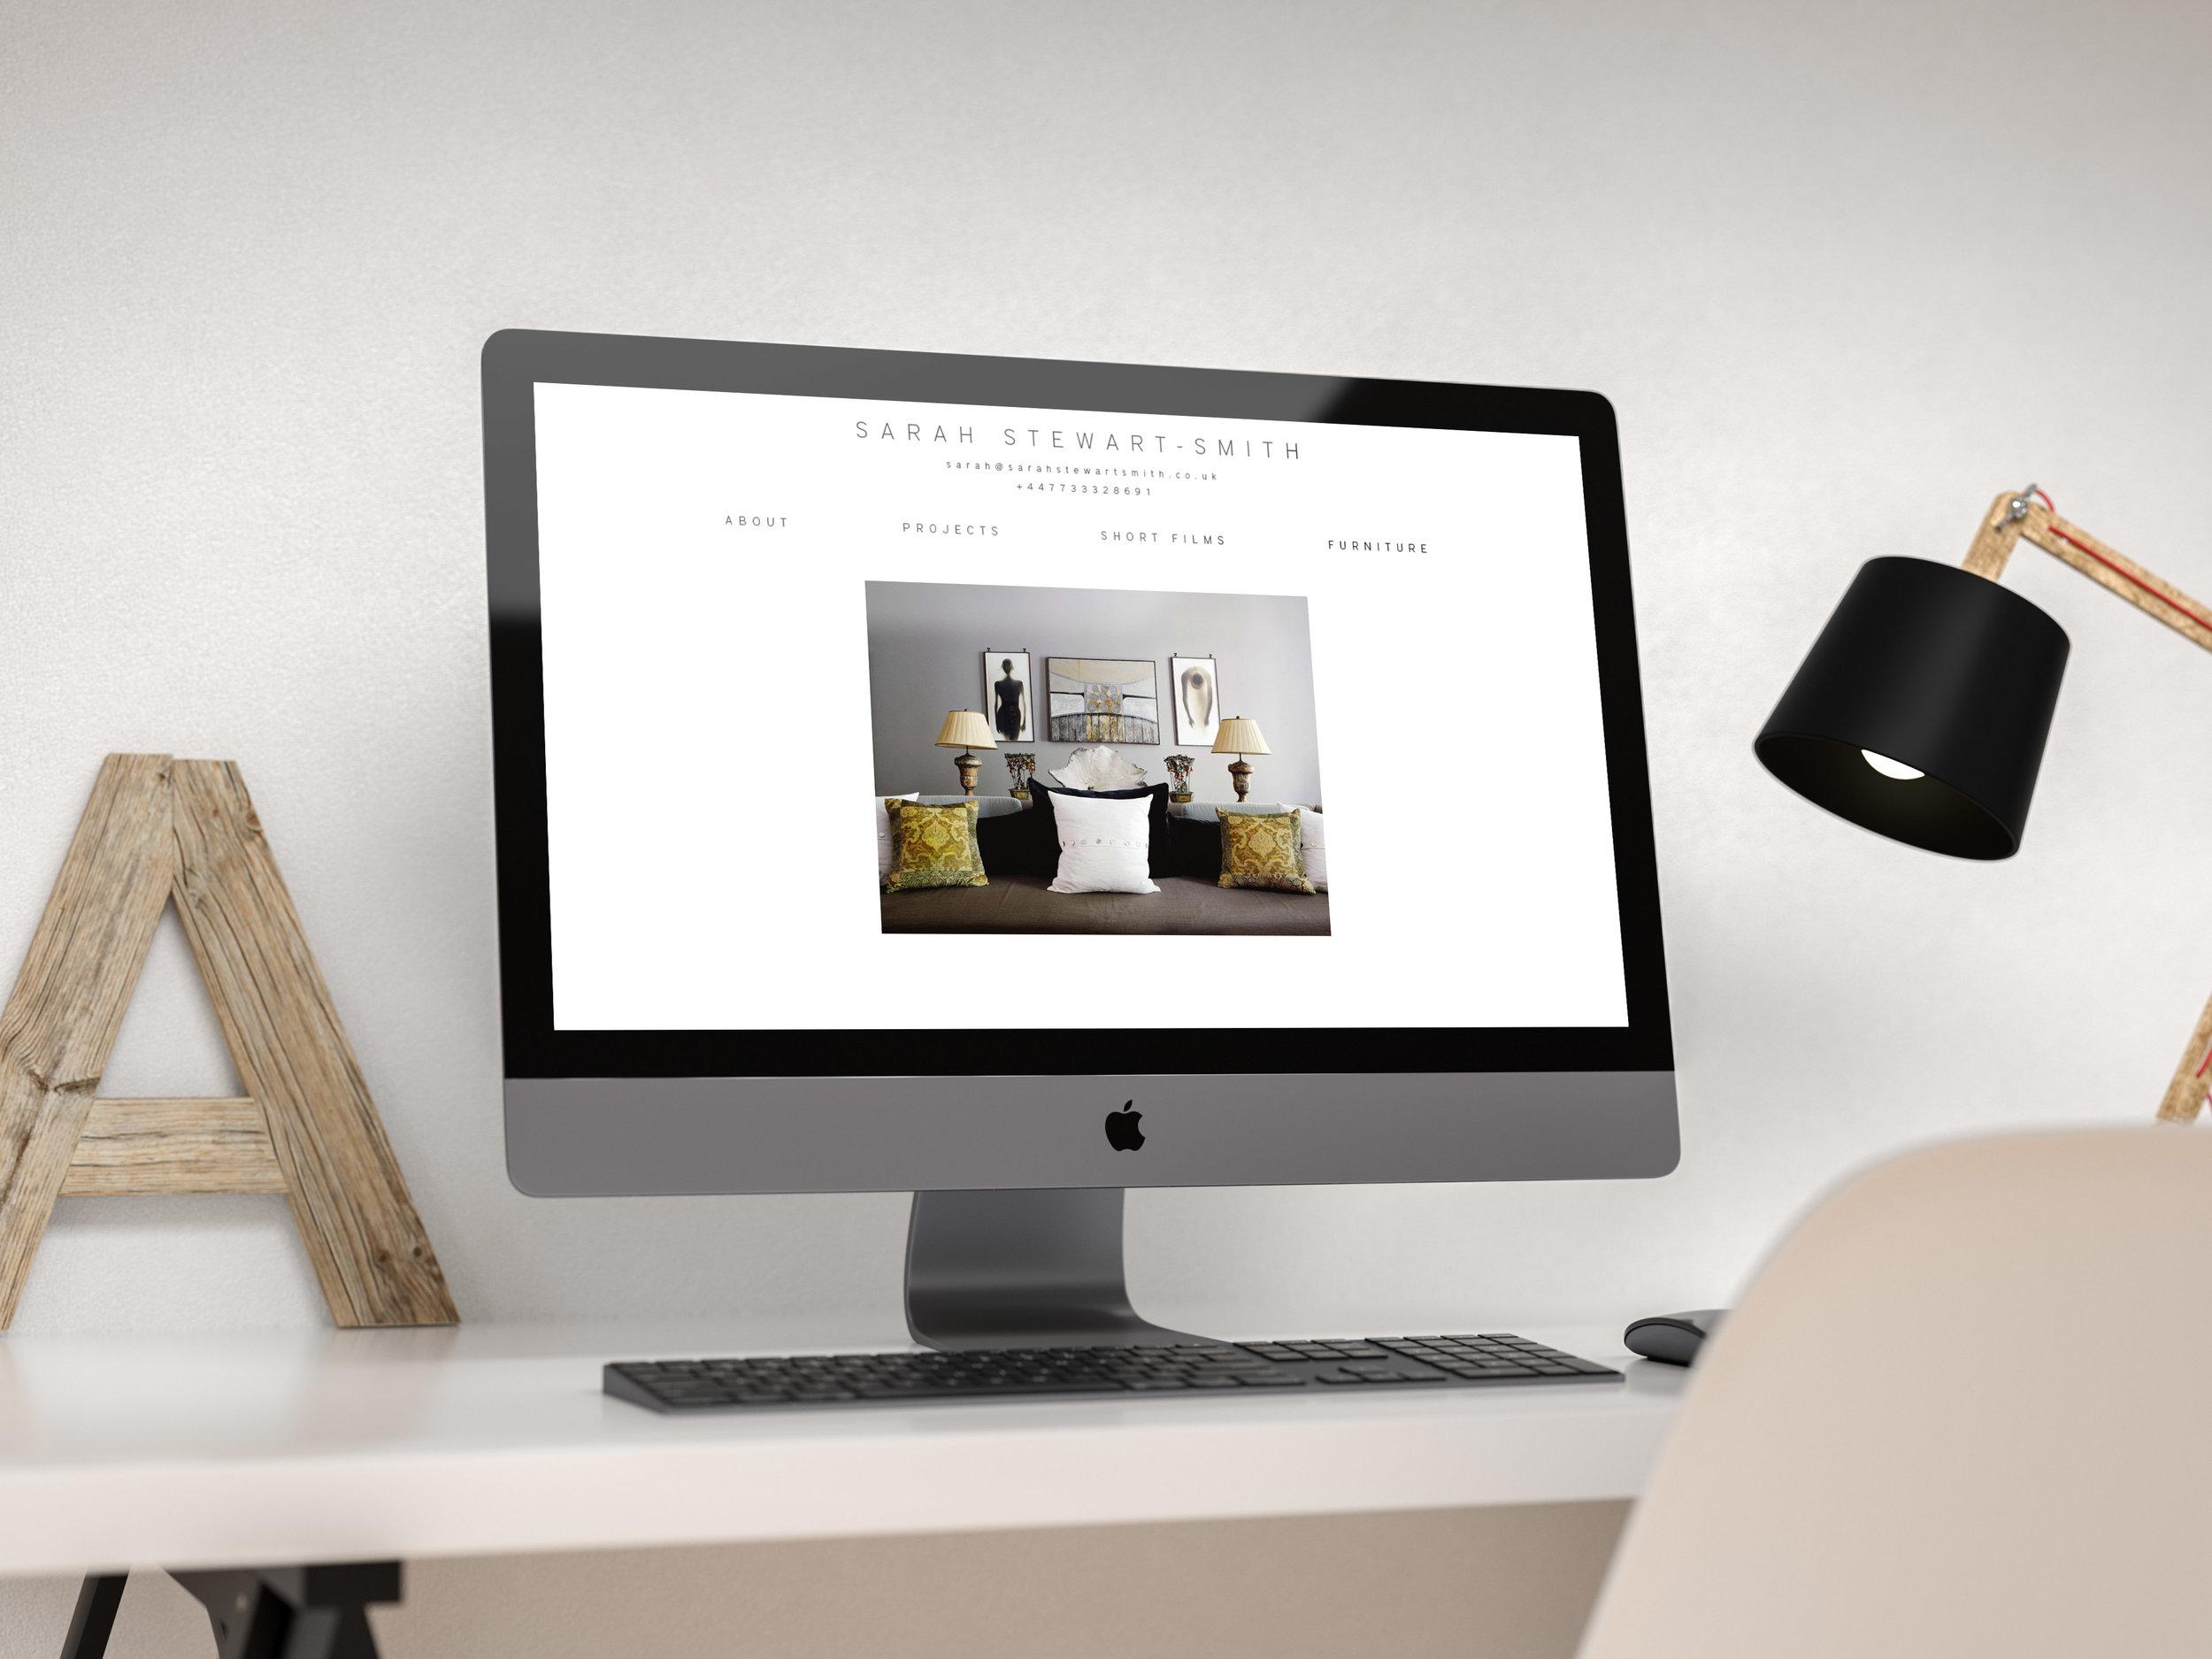 SARAH STEWART-SMITH, WEBSITE DESIGN